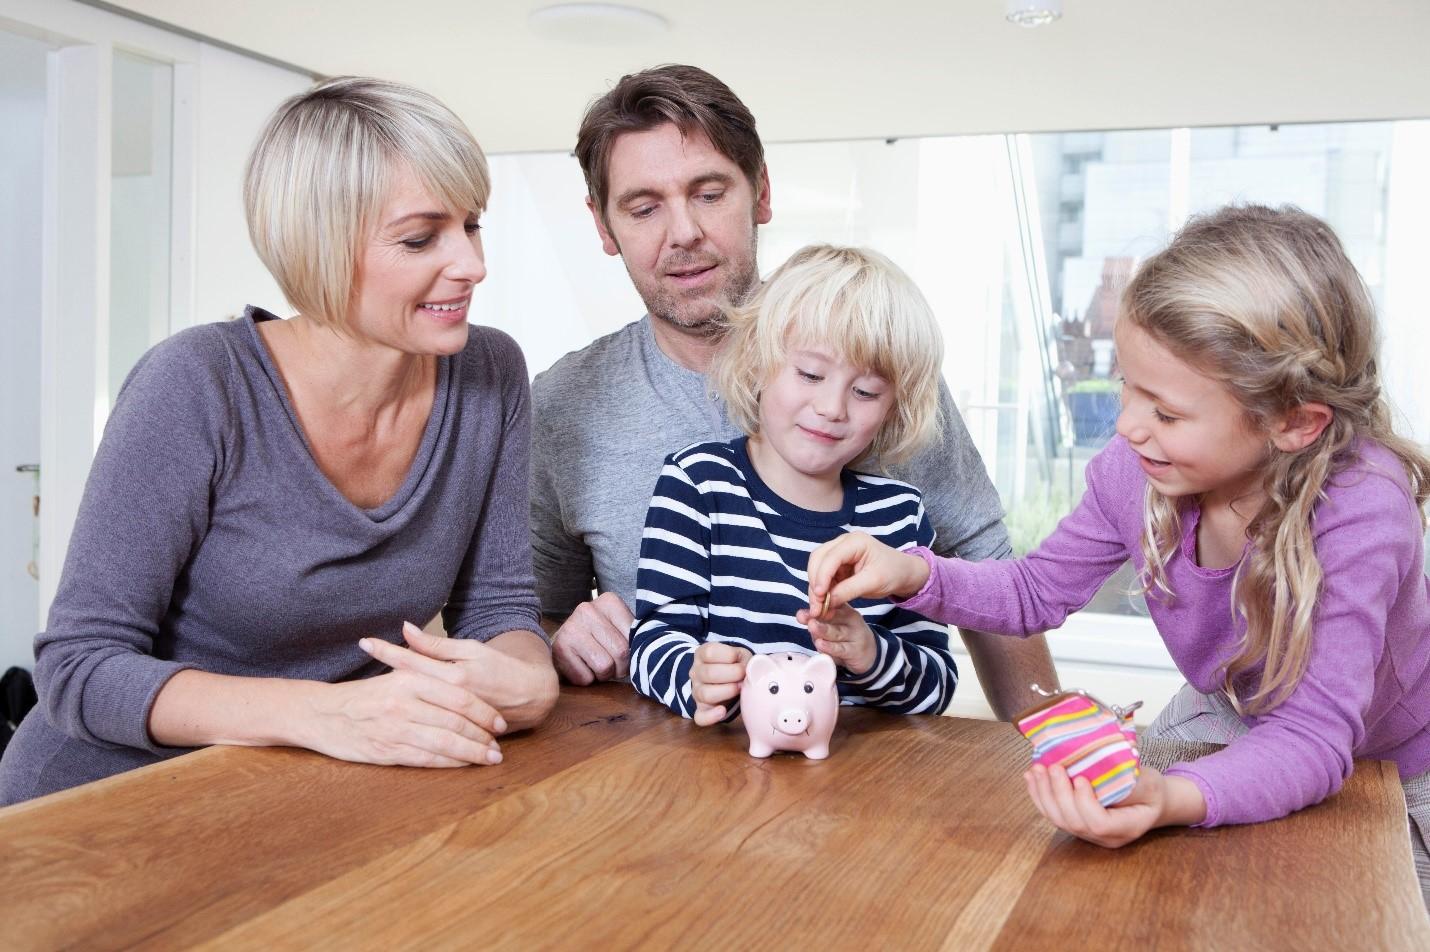 Семейный бюджет без угрозы для отношений: советы психологов